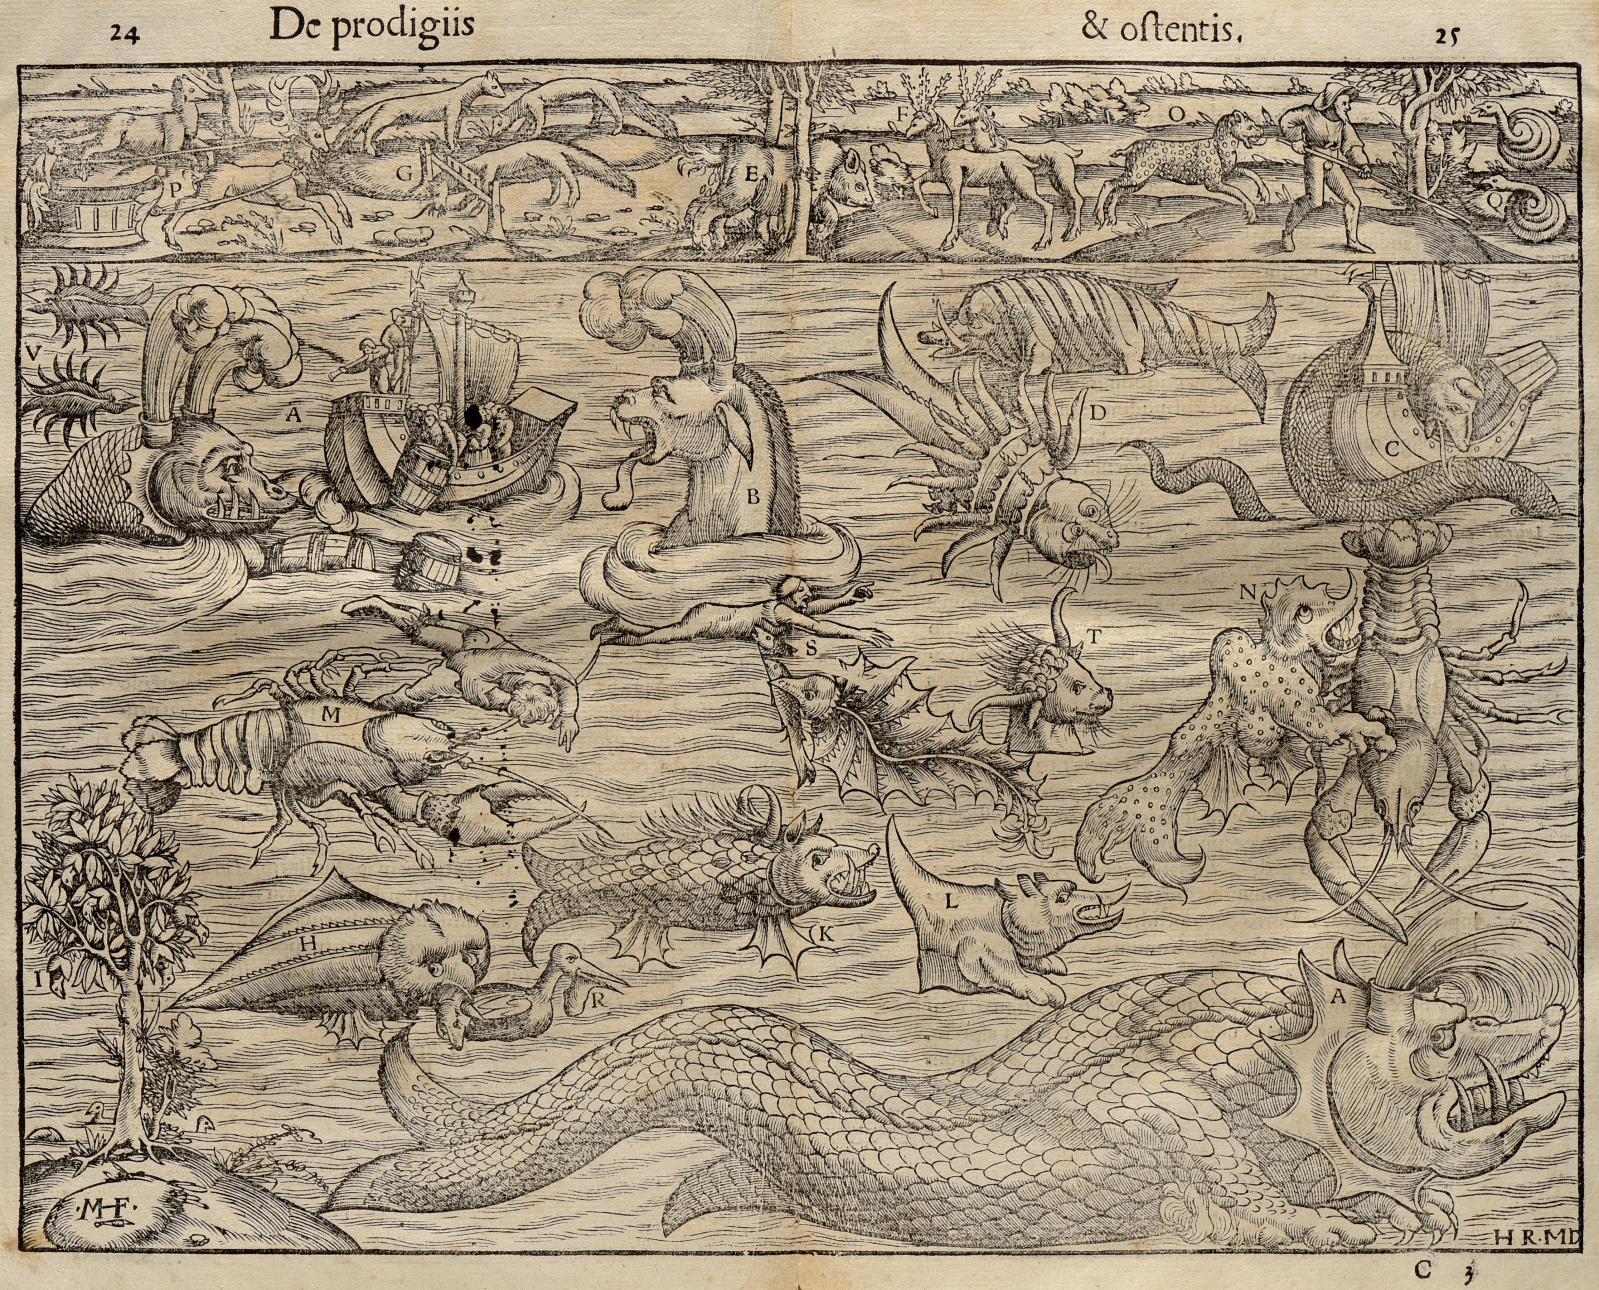 Conrad Wolffart, dit Lycosthenes, Prodigiorum ac ostentorum chronicon (Bâle, 1557), un volume in-folio illustré de près de 1600 gravures fantastiques